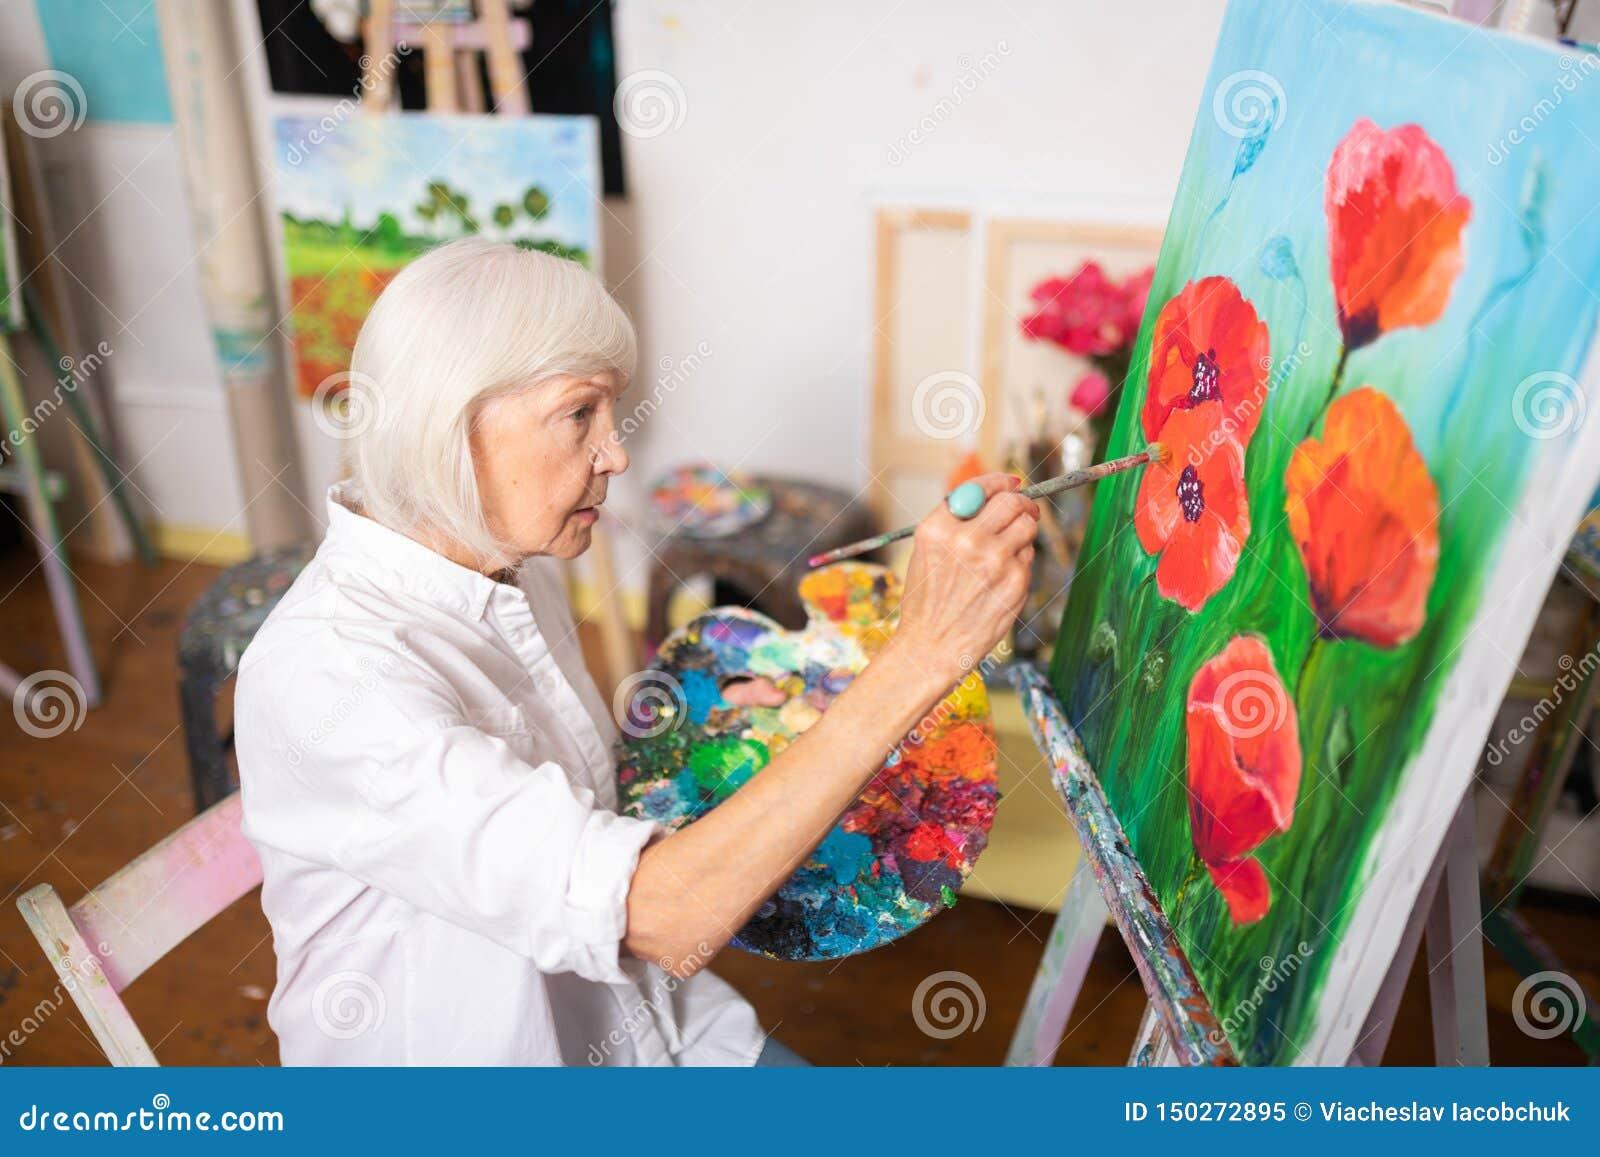 Papoilas vermelhas da pintura Louro-de cabelo da mulher na lona